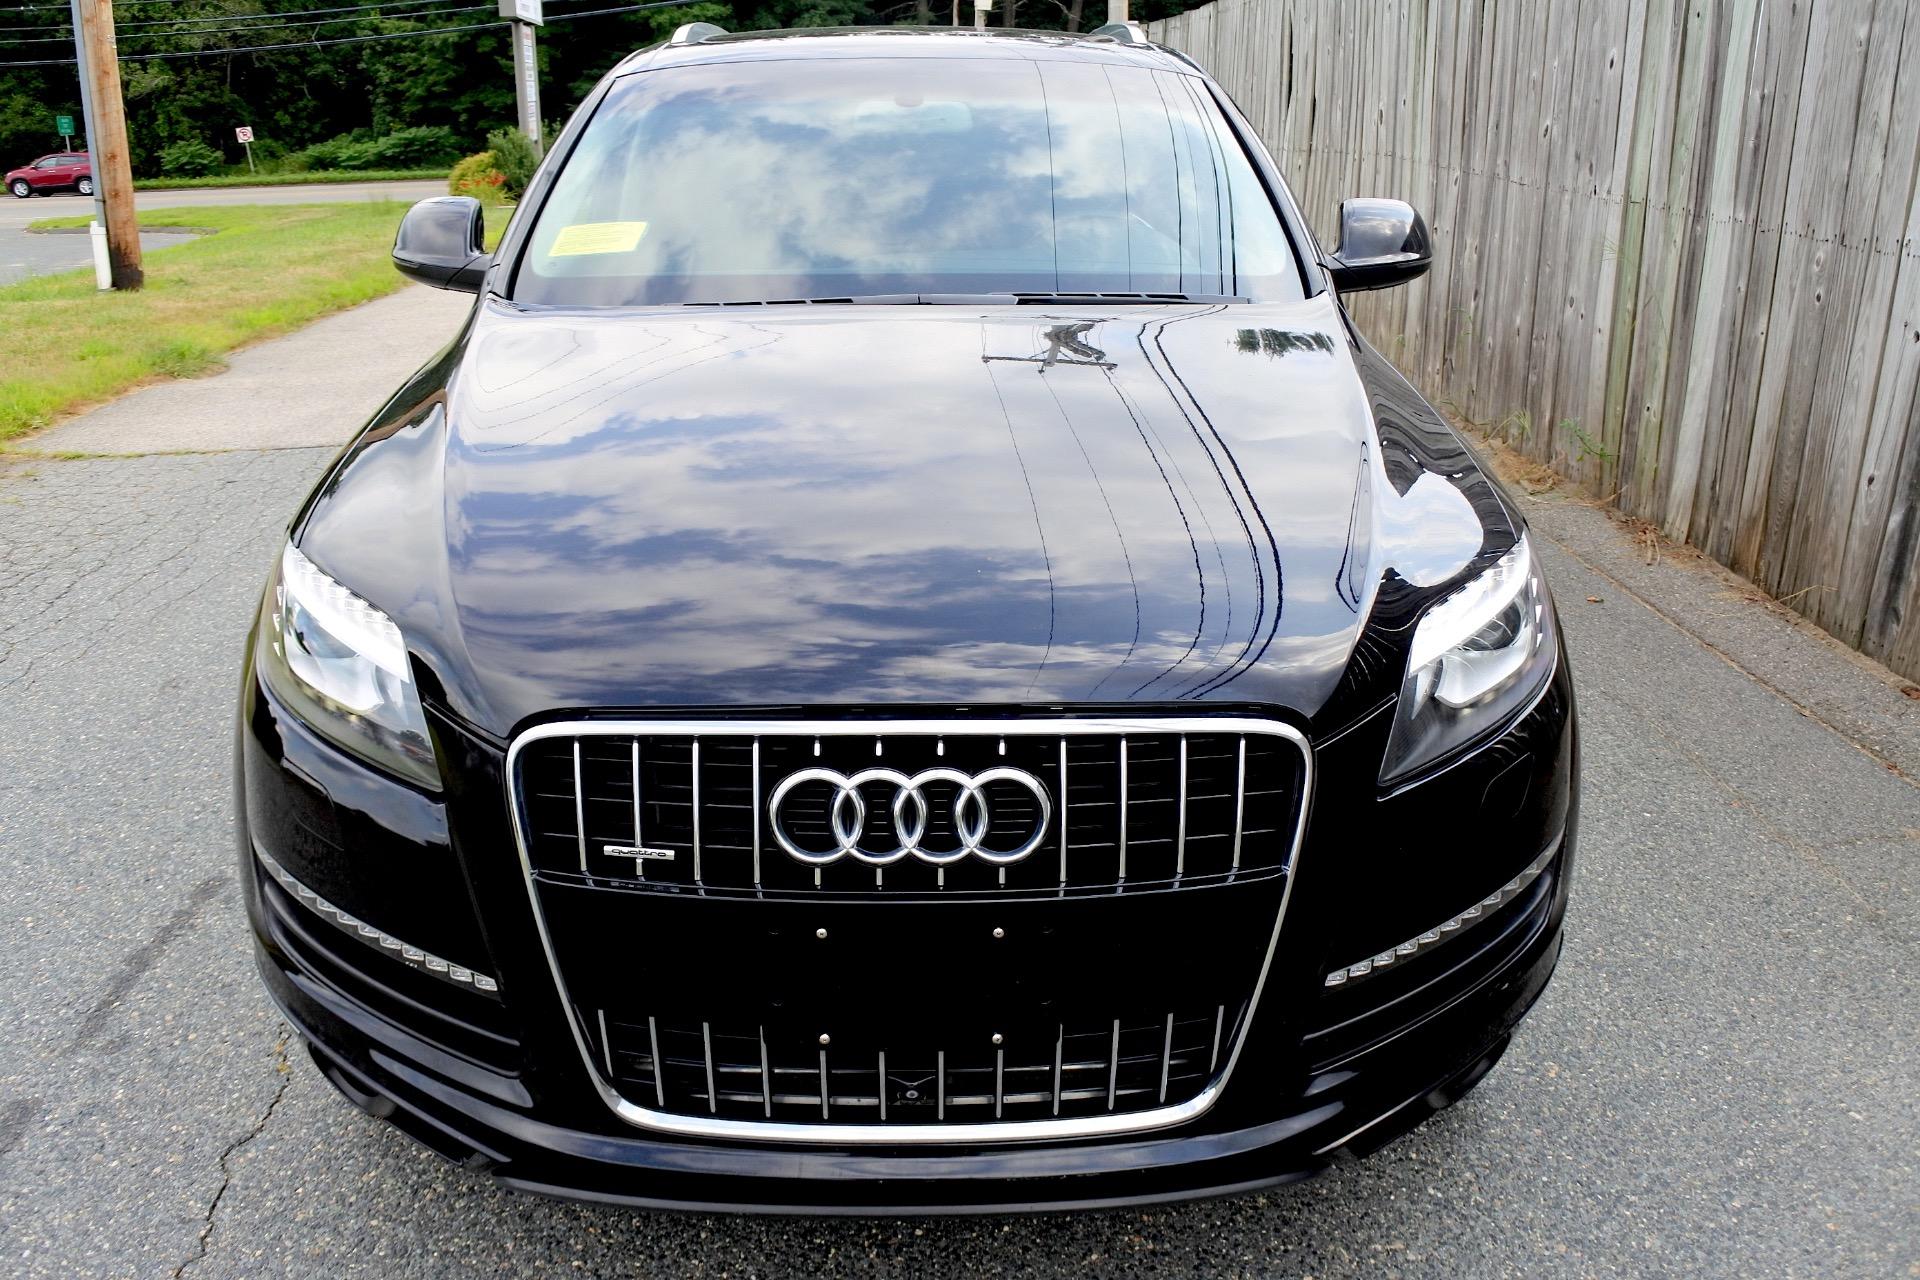 Used 2013 Audi Q7 TDI Premium Plus Used 2013 Audi Q7 TDI Premium Plus for sale  at Metro West Motorcars LLC in Shrewsbury MA 8